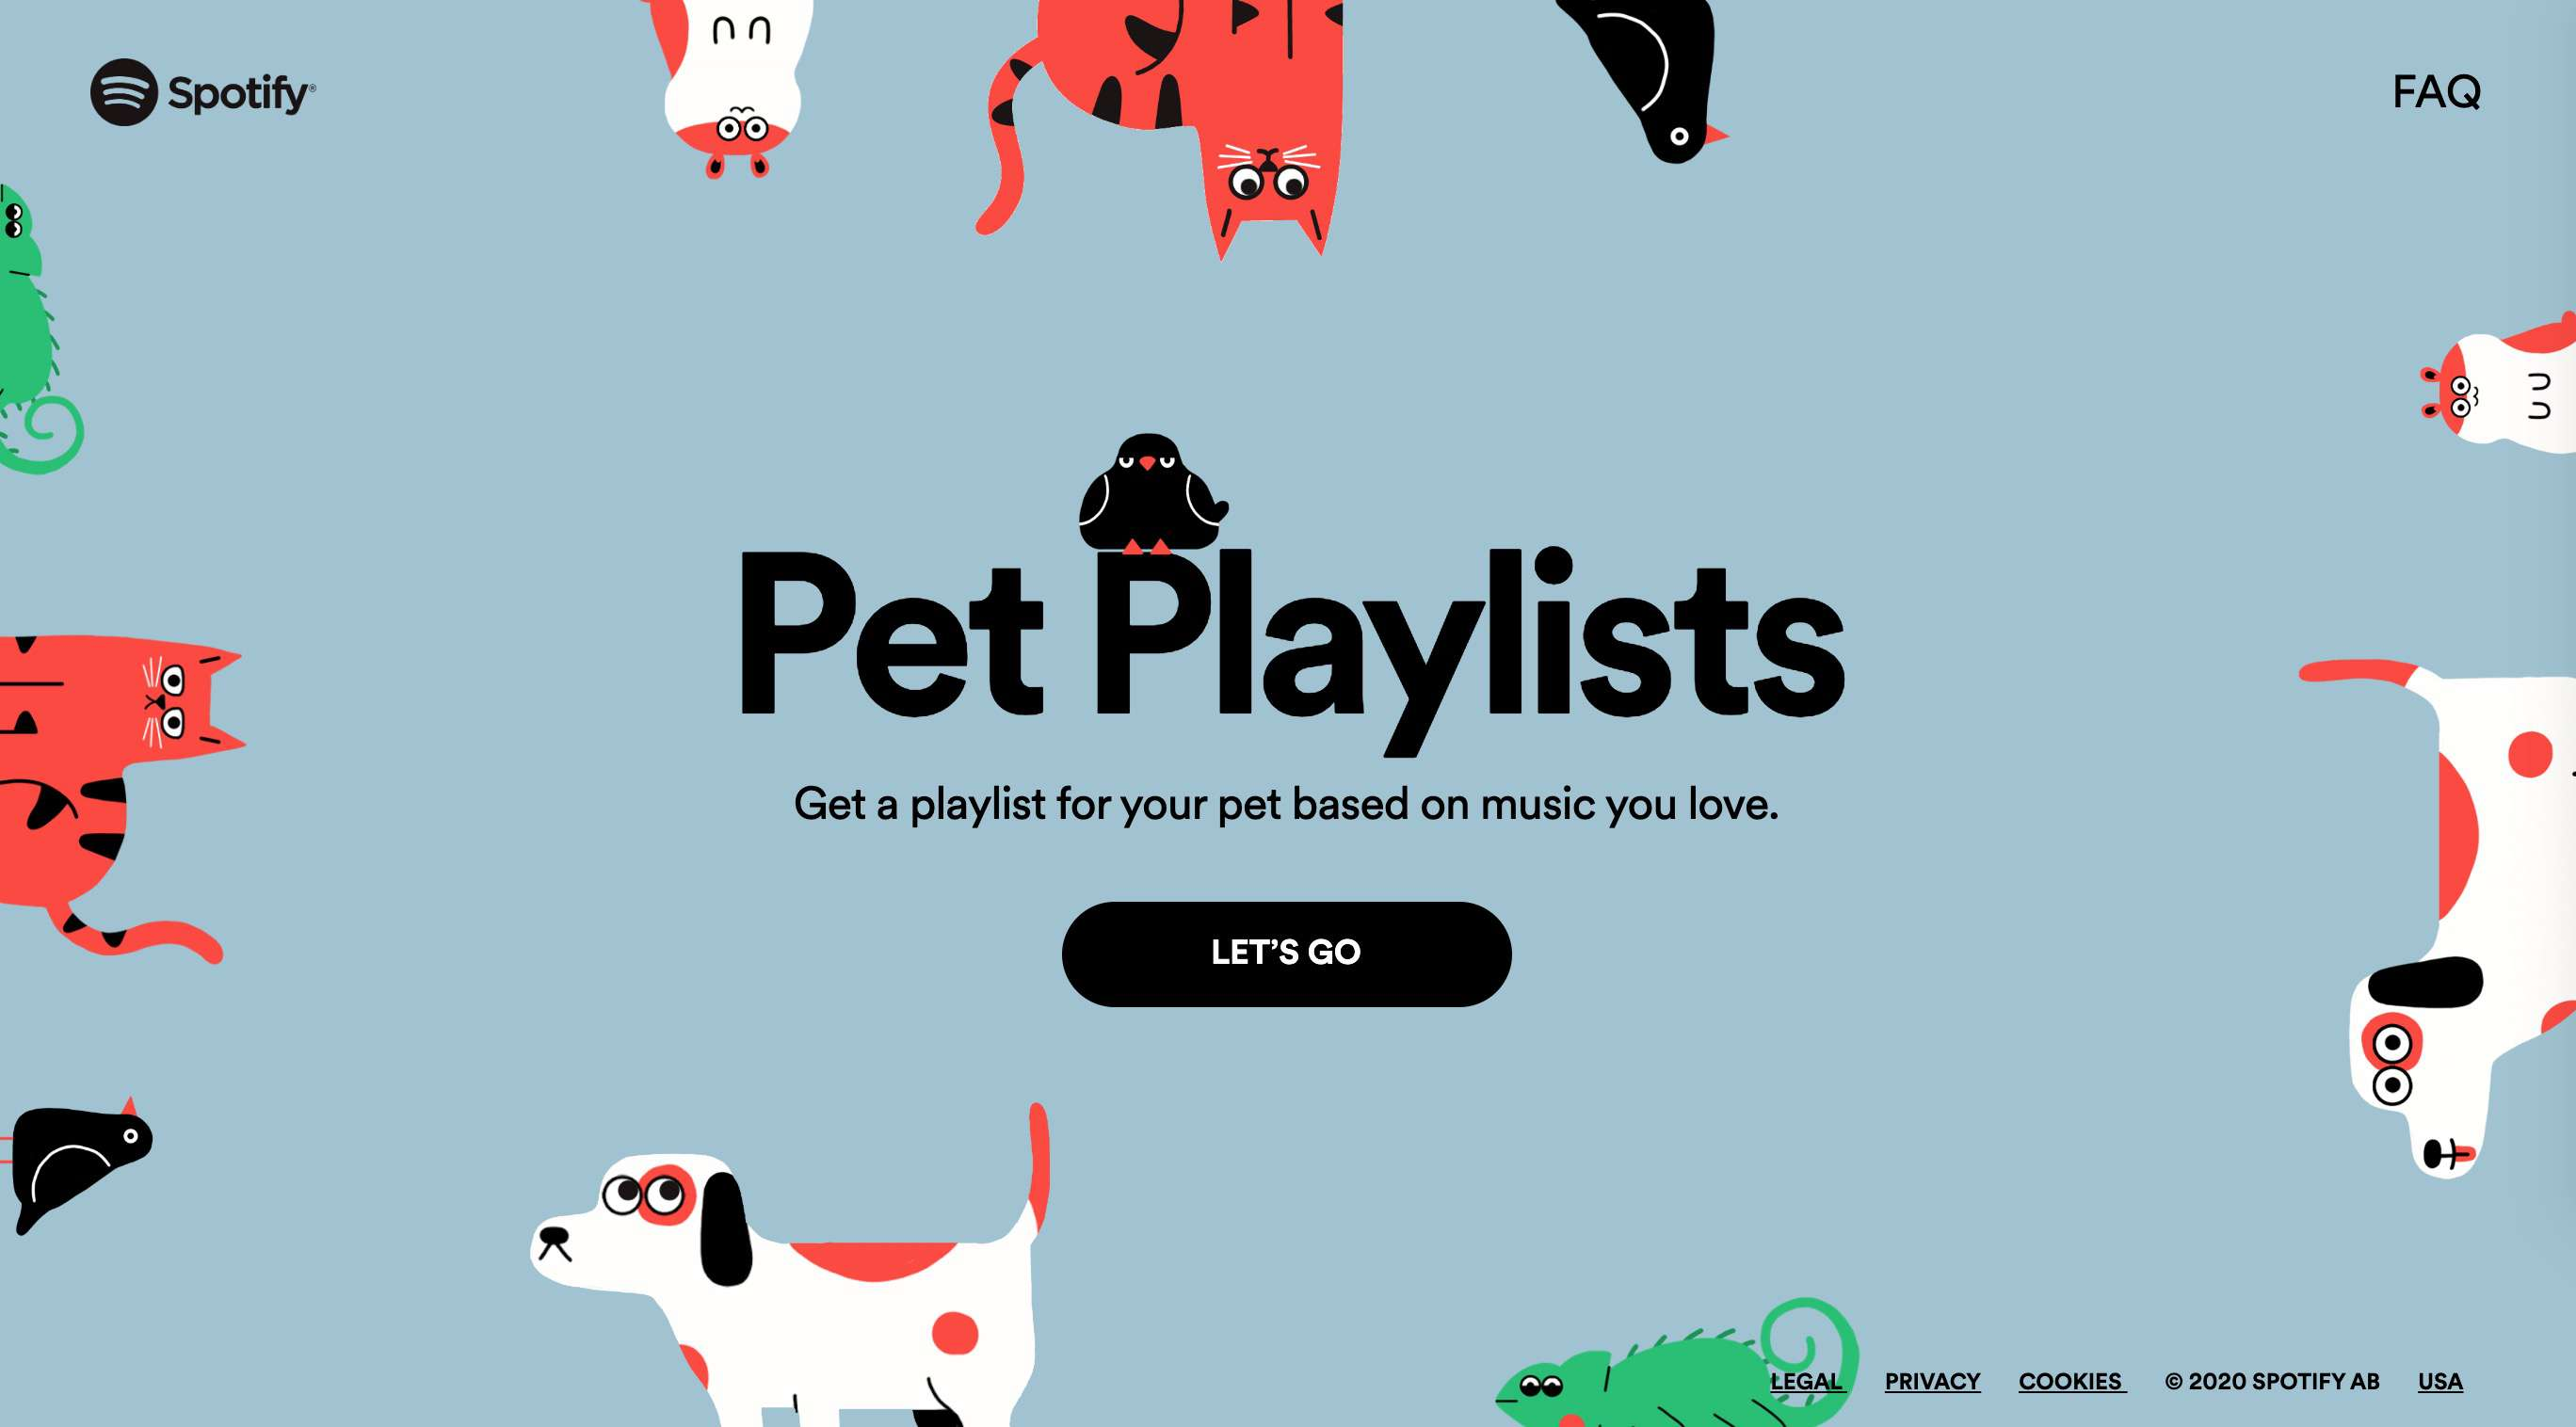 Pet Playlists on Spotify